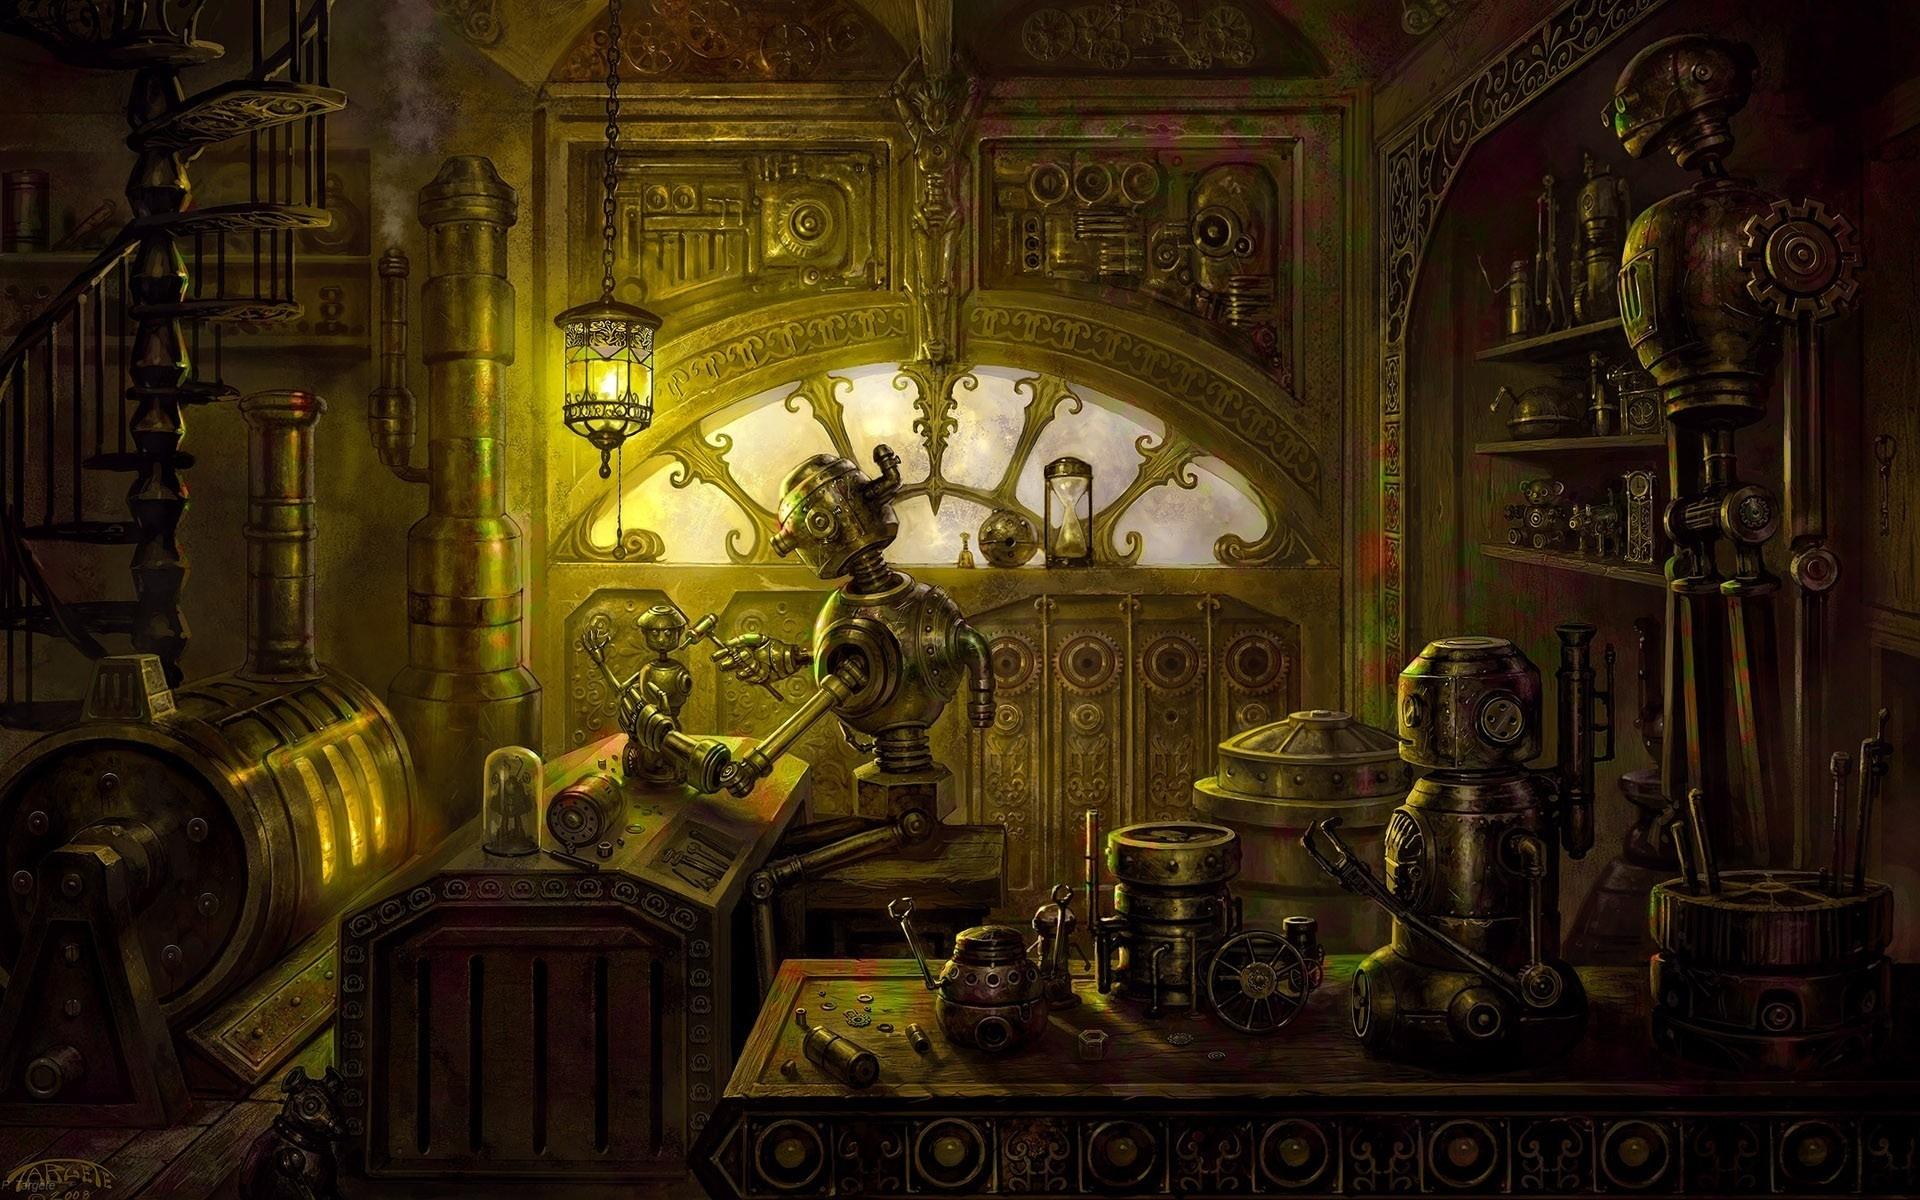 Steampunk mechanical room robots wallpaper 1920x1200 62283 1920x1200